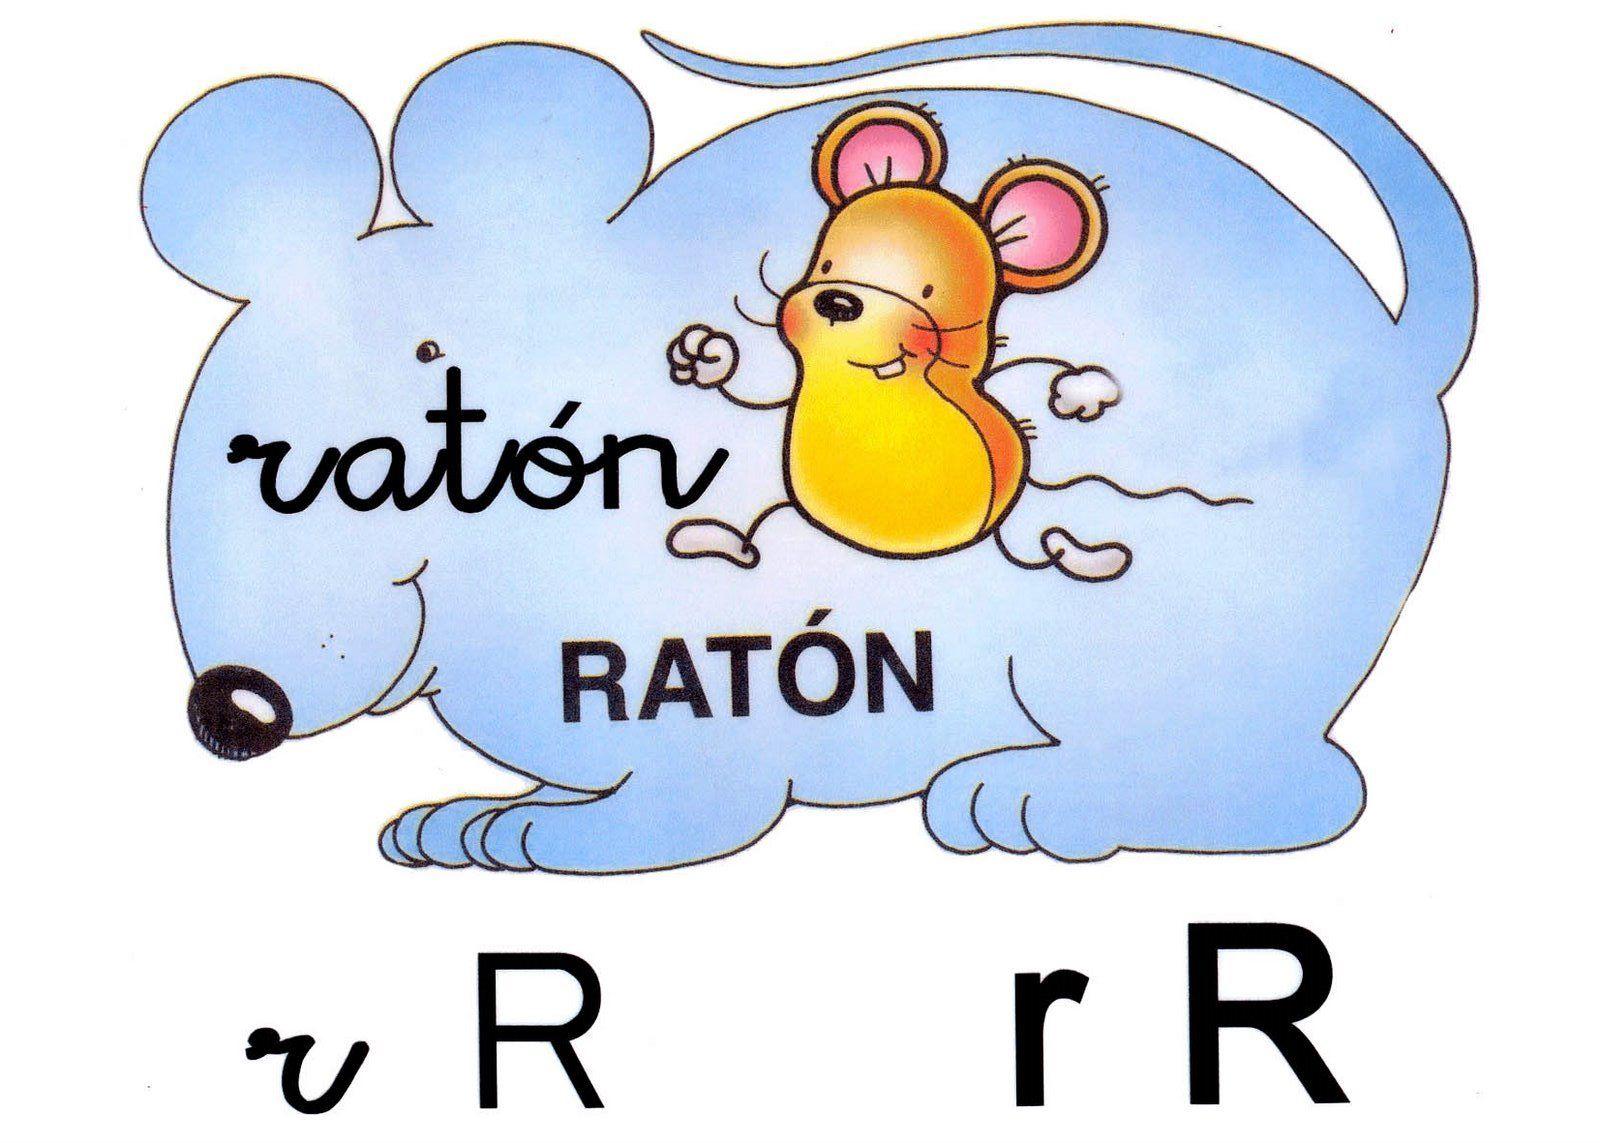 Letra r minúscula, R mayúscula. Ratón. | Letras del abecedario ...